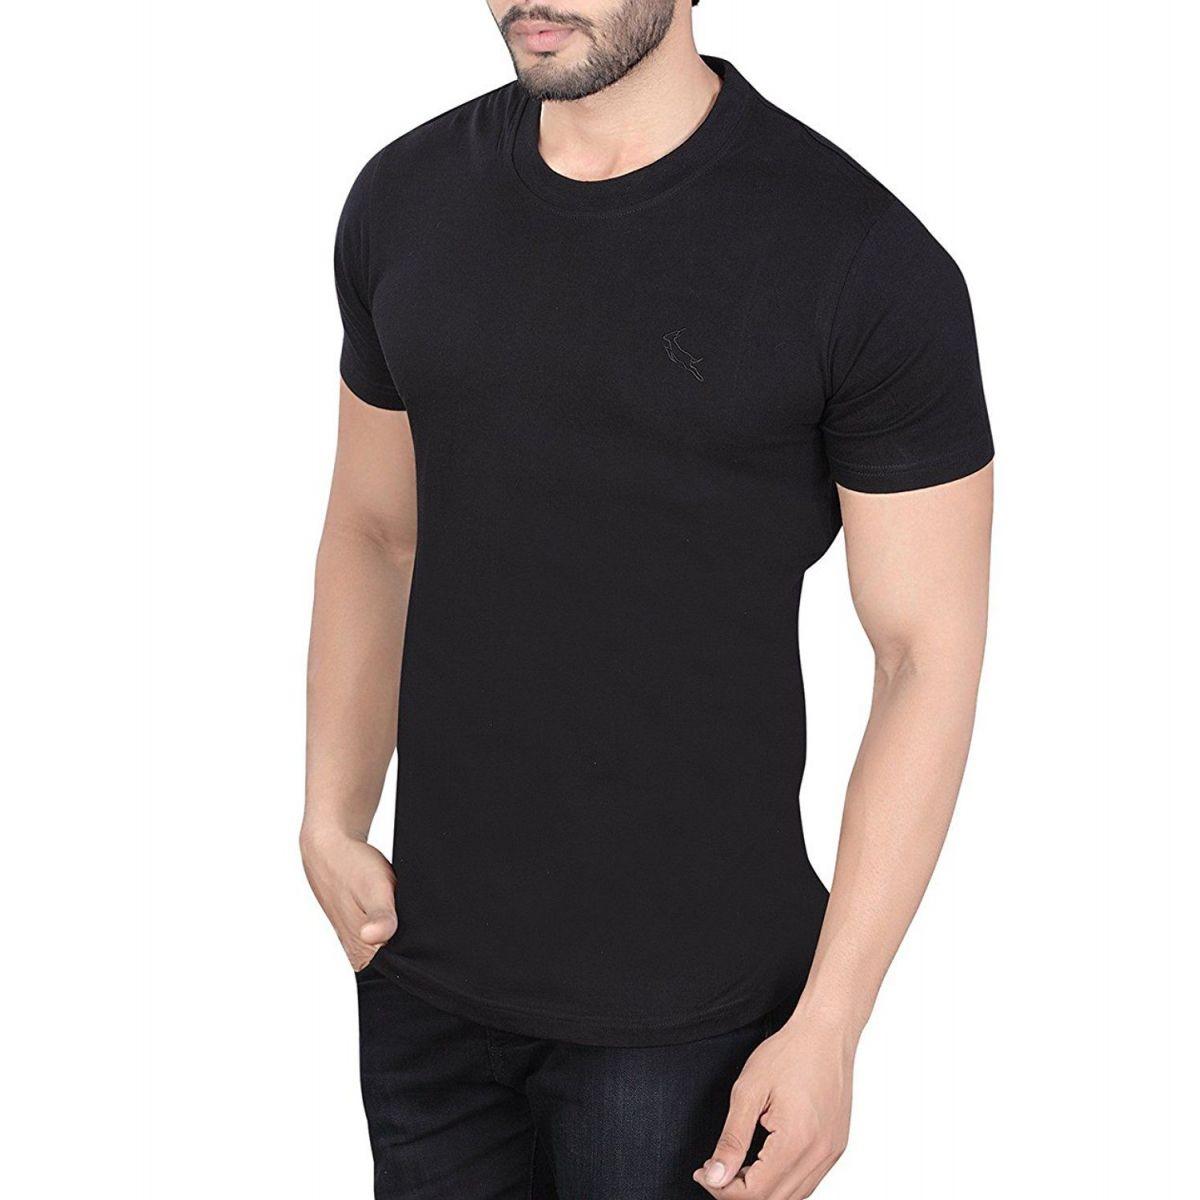 Camiseta Masculina Básica Lisa Moderna